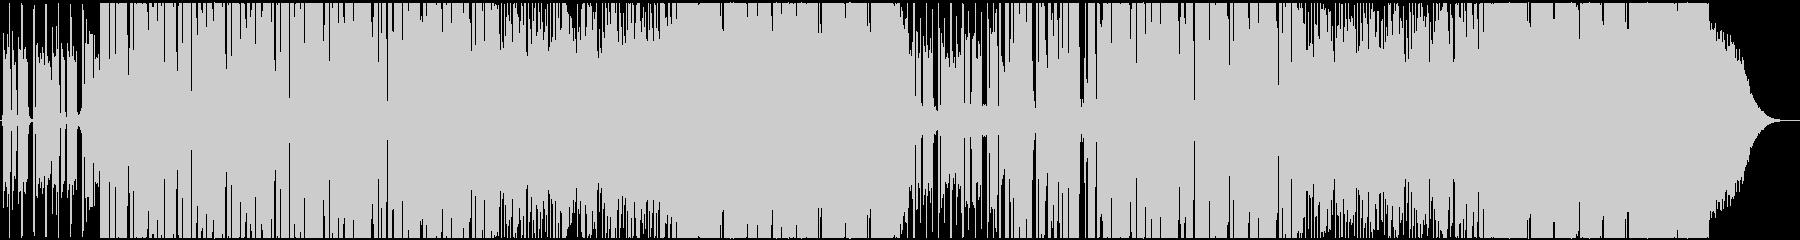 スタイリッシュなポップEDM/映像向きの未再生の波形